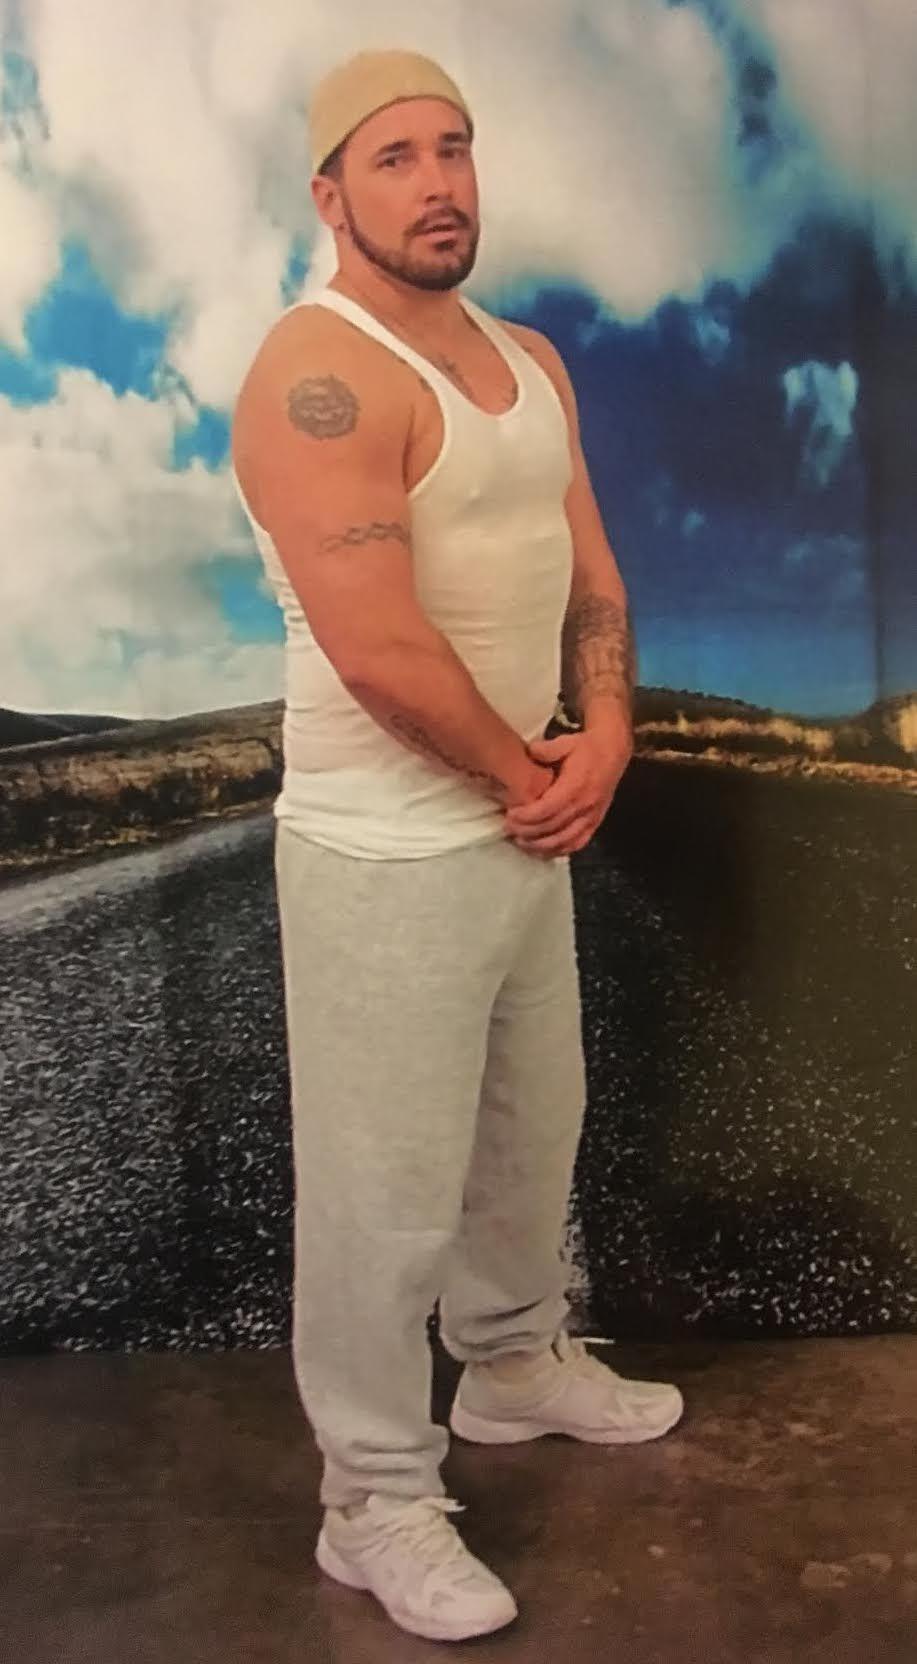 prison dating Gay